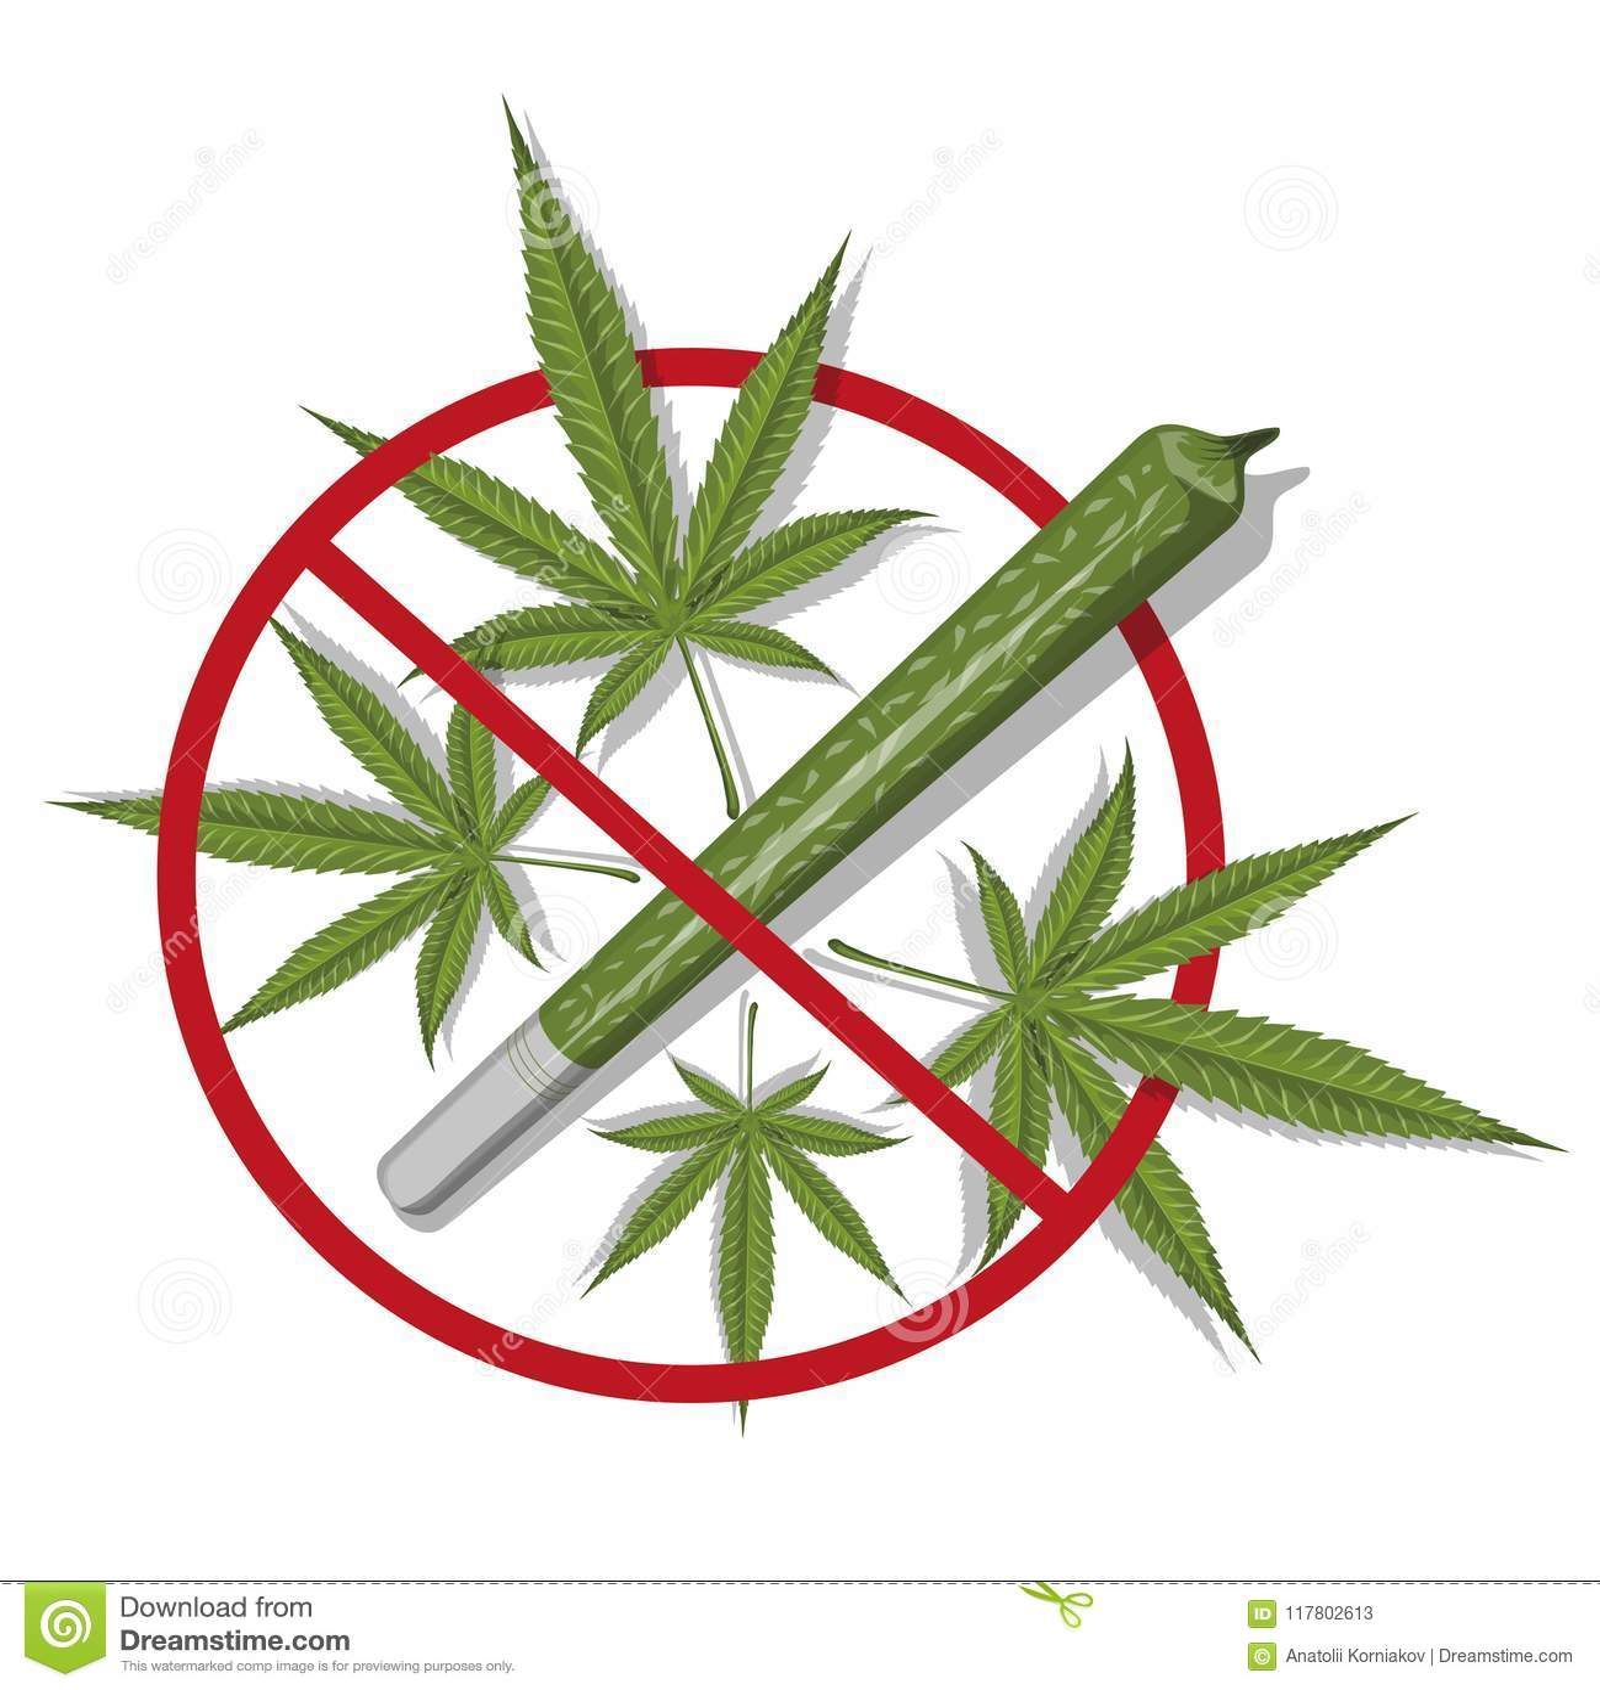 Hoja del cáñamo marijuana Bandera de Bob Marley Logotipo médico del cáñamo Legalice el símbolo